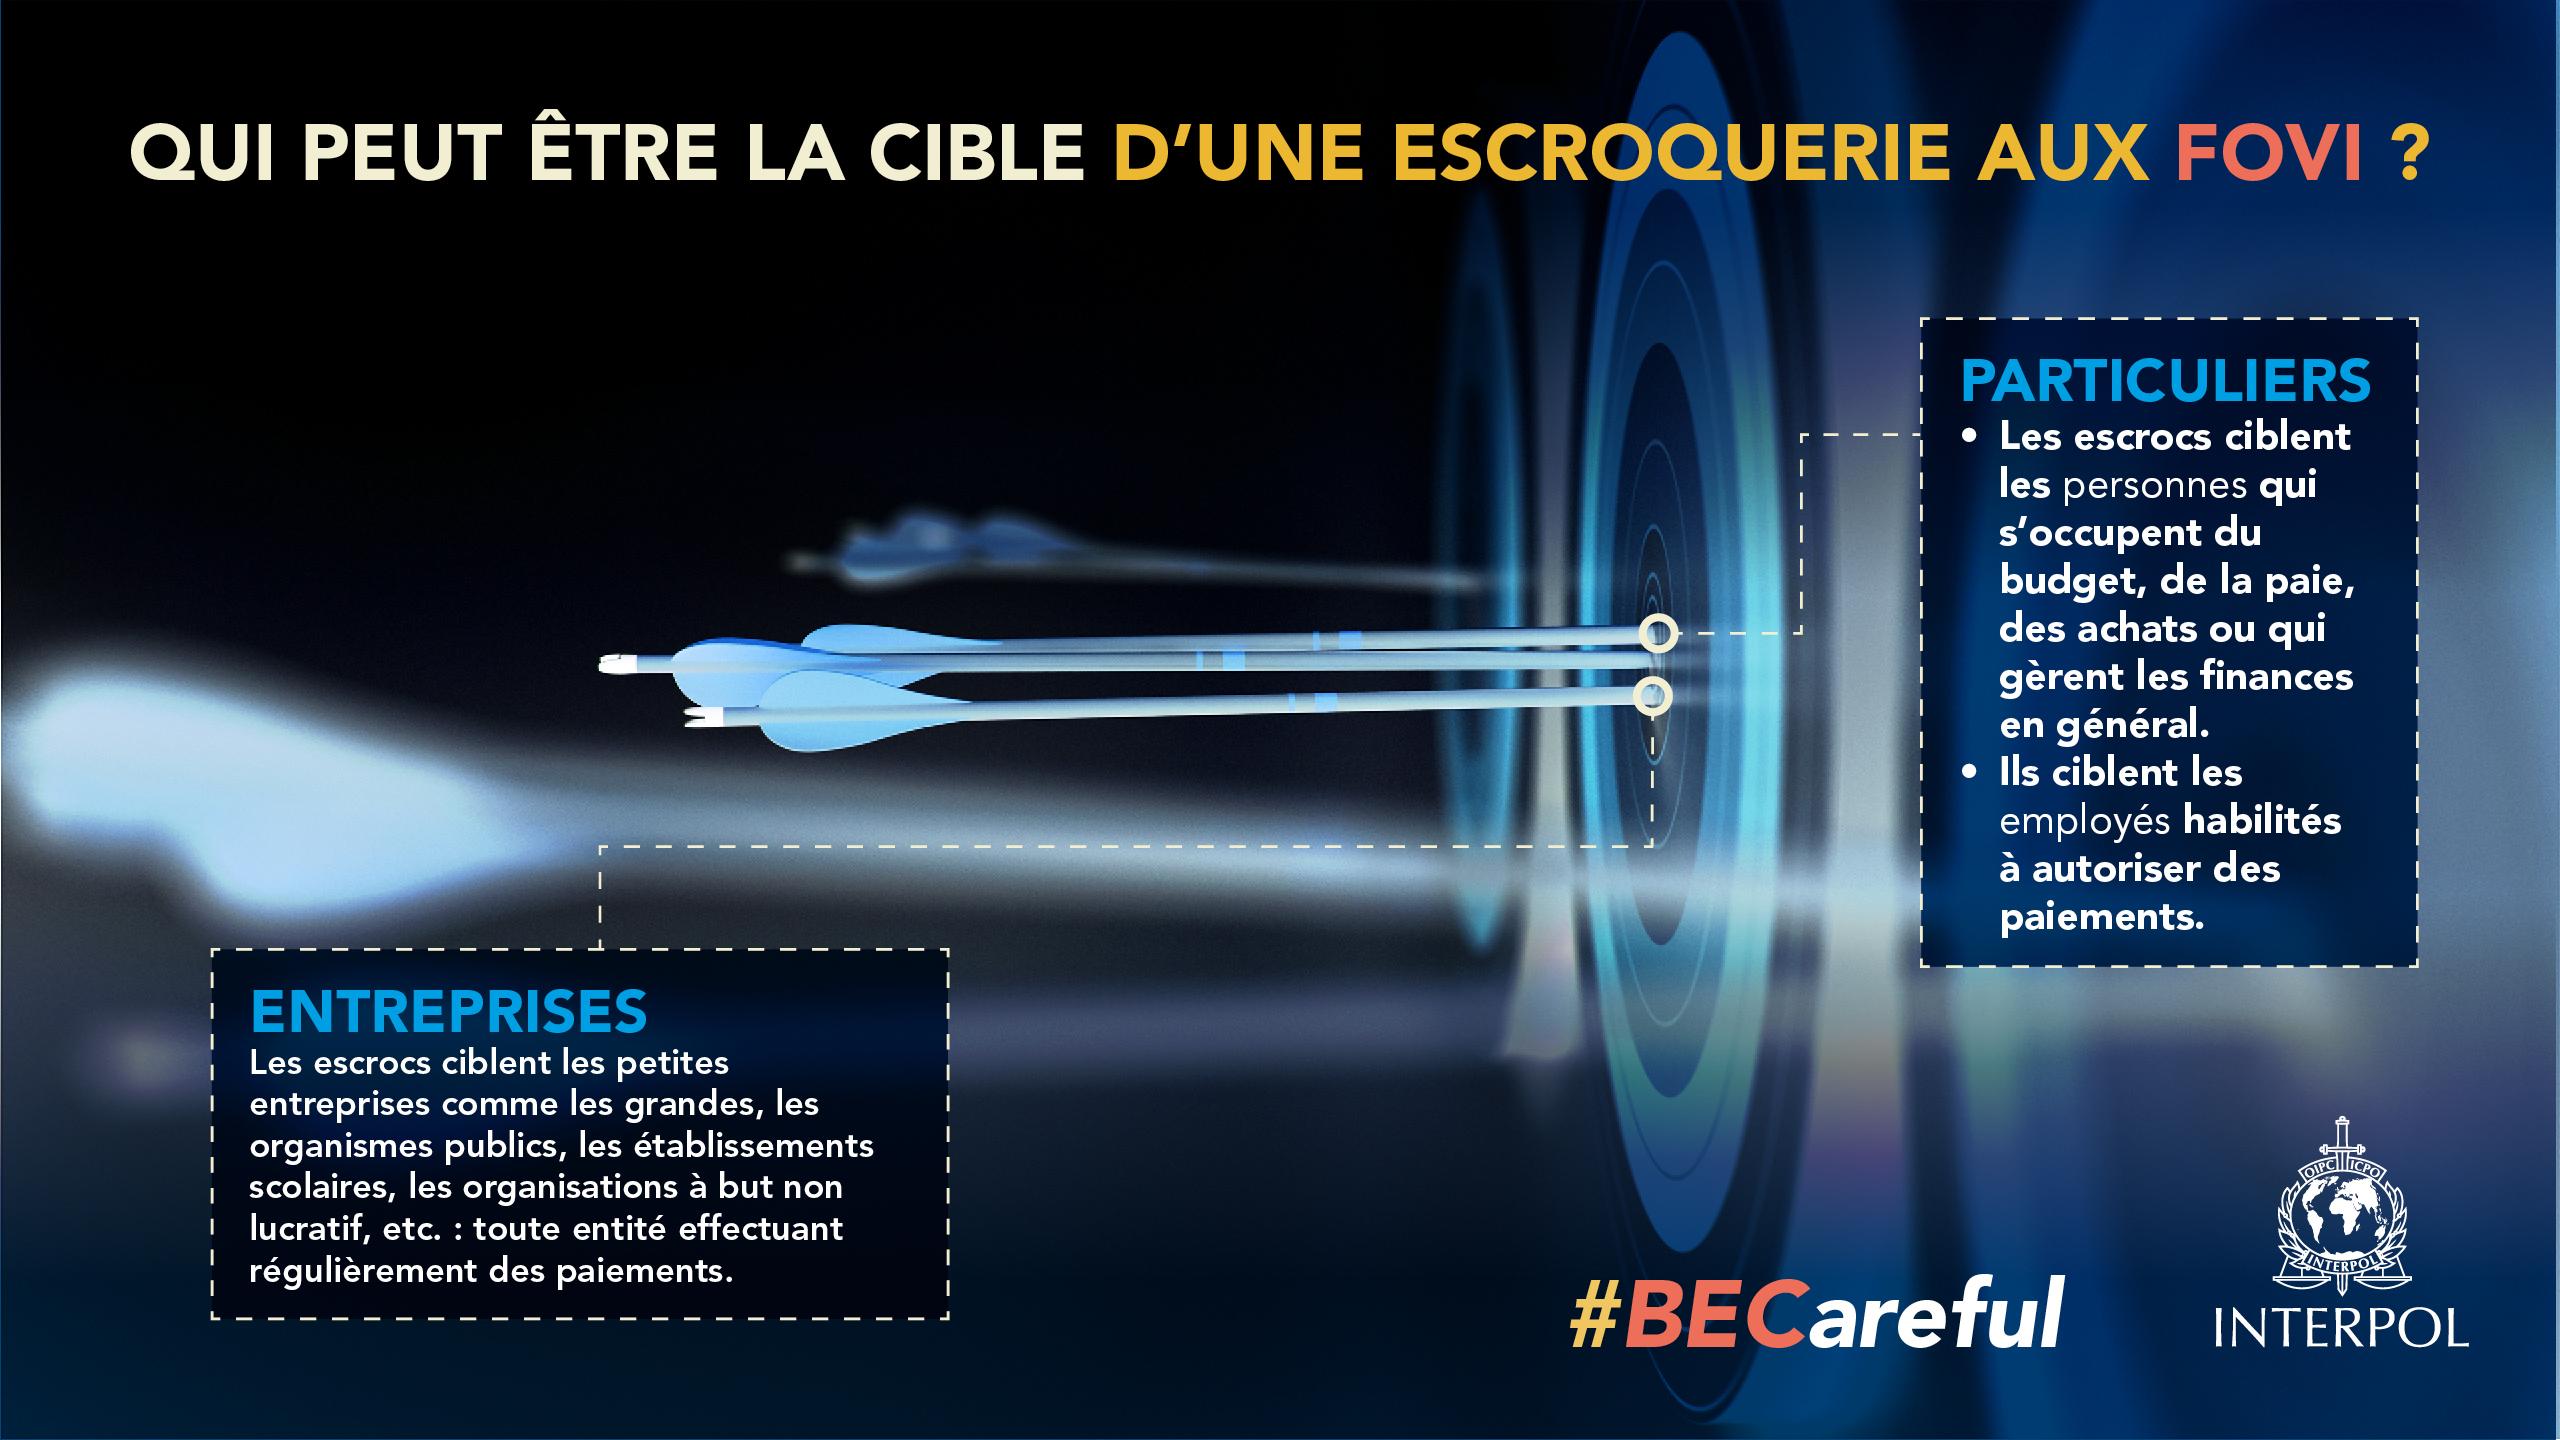 CC_BECareful_screens_sep19_EN_02_14